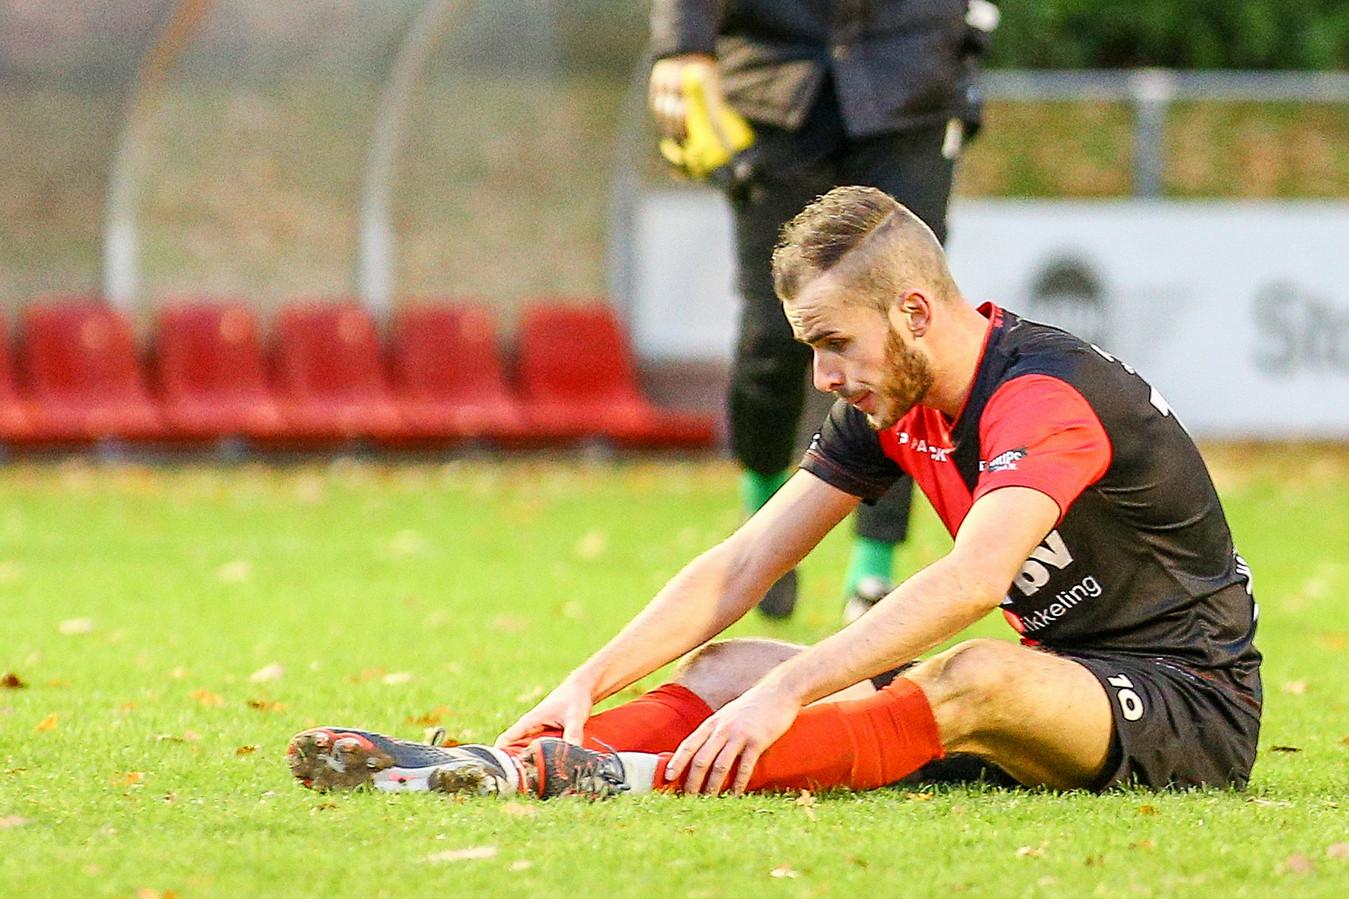 Bas Hendriks van De Treffers baalt na de thuisnederlaag tegen VVSB vorig seizoen.